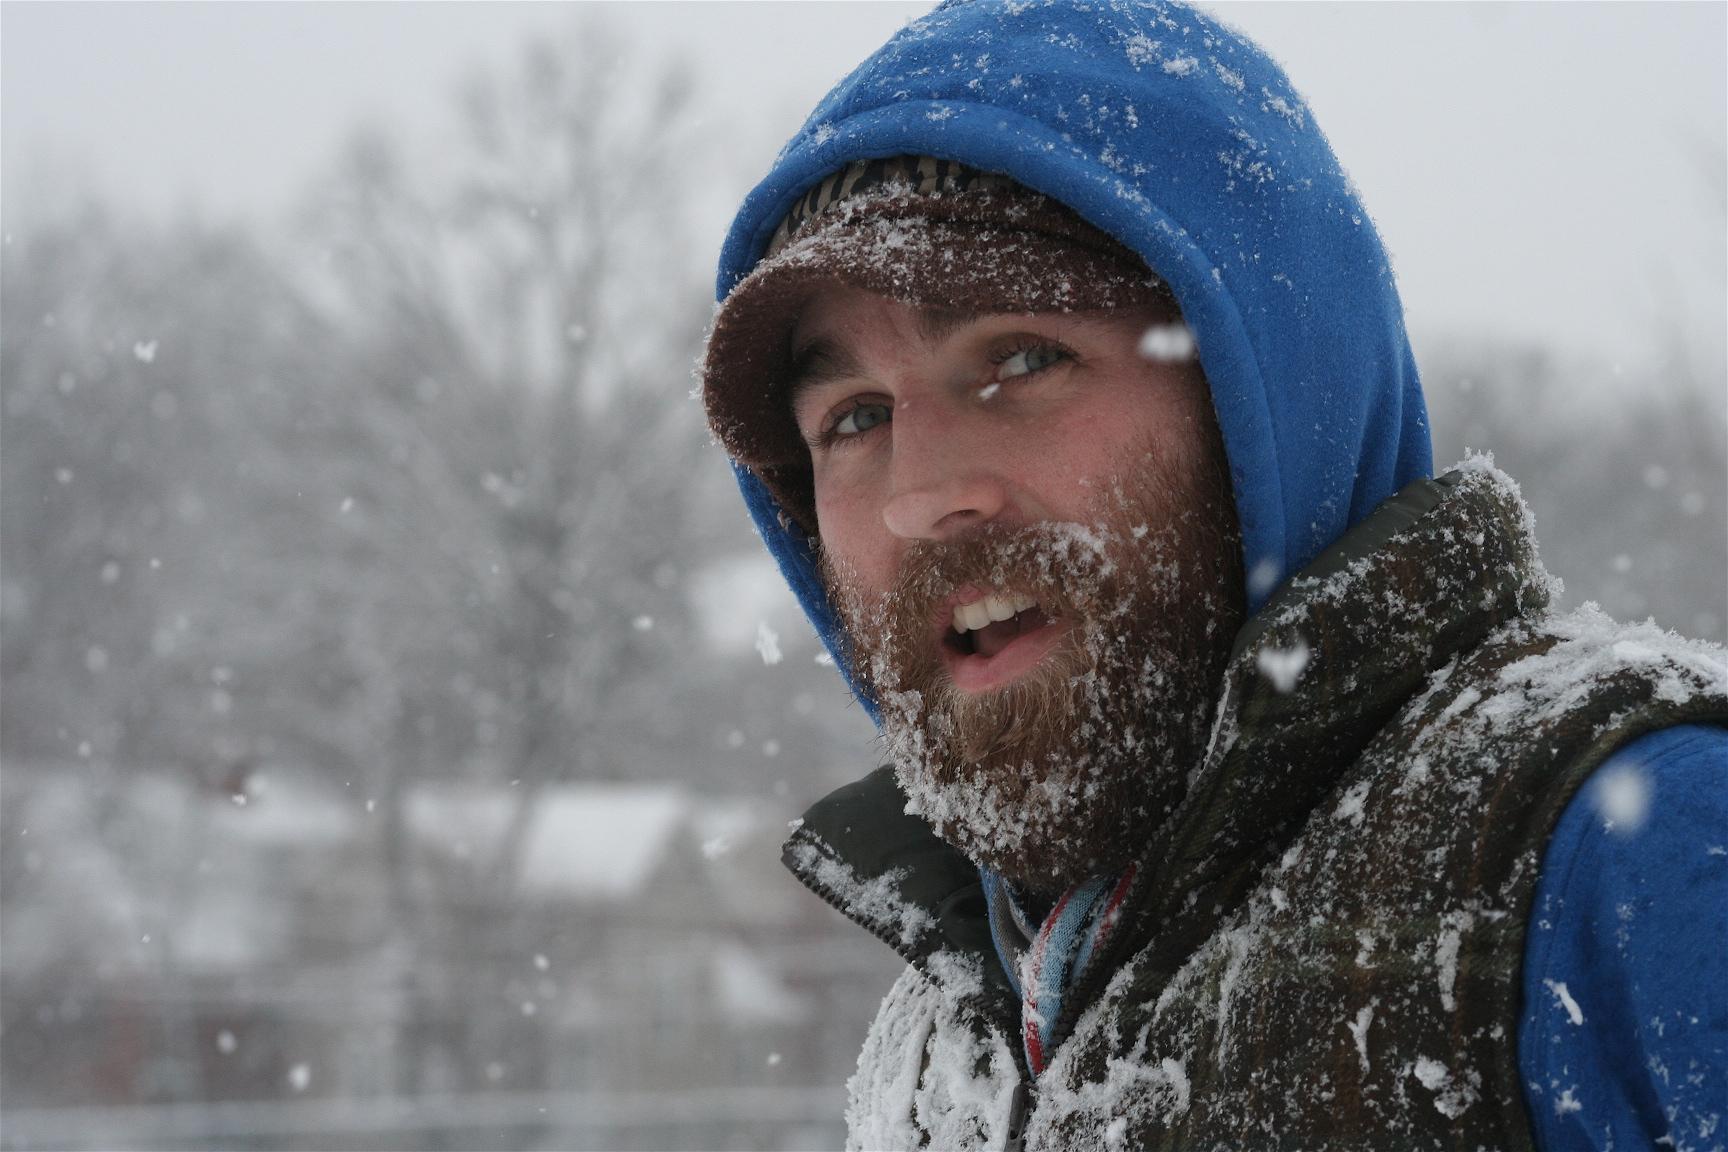 Среднийслой отвечает прежде всего за изоляцию, а также за сохранение тепла. Если вы бегаете или катаетесь на лыжах в морозную погоду, то вам понадобится более теплый средний слой.